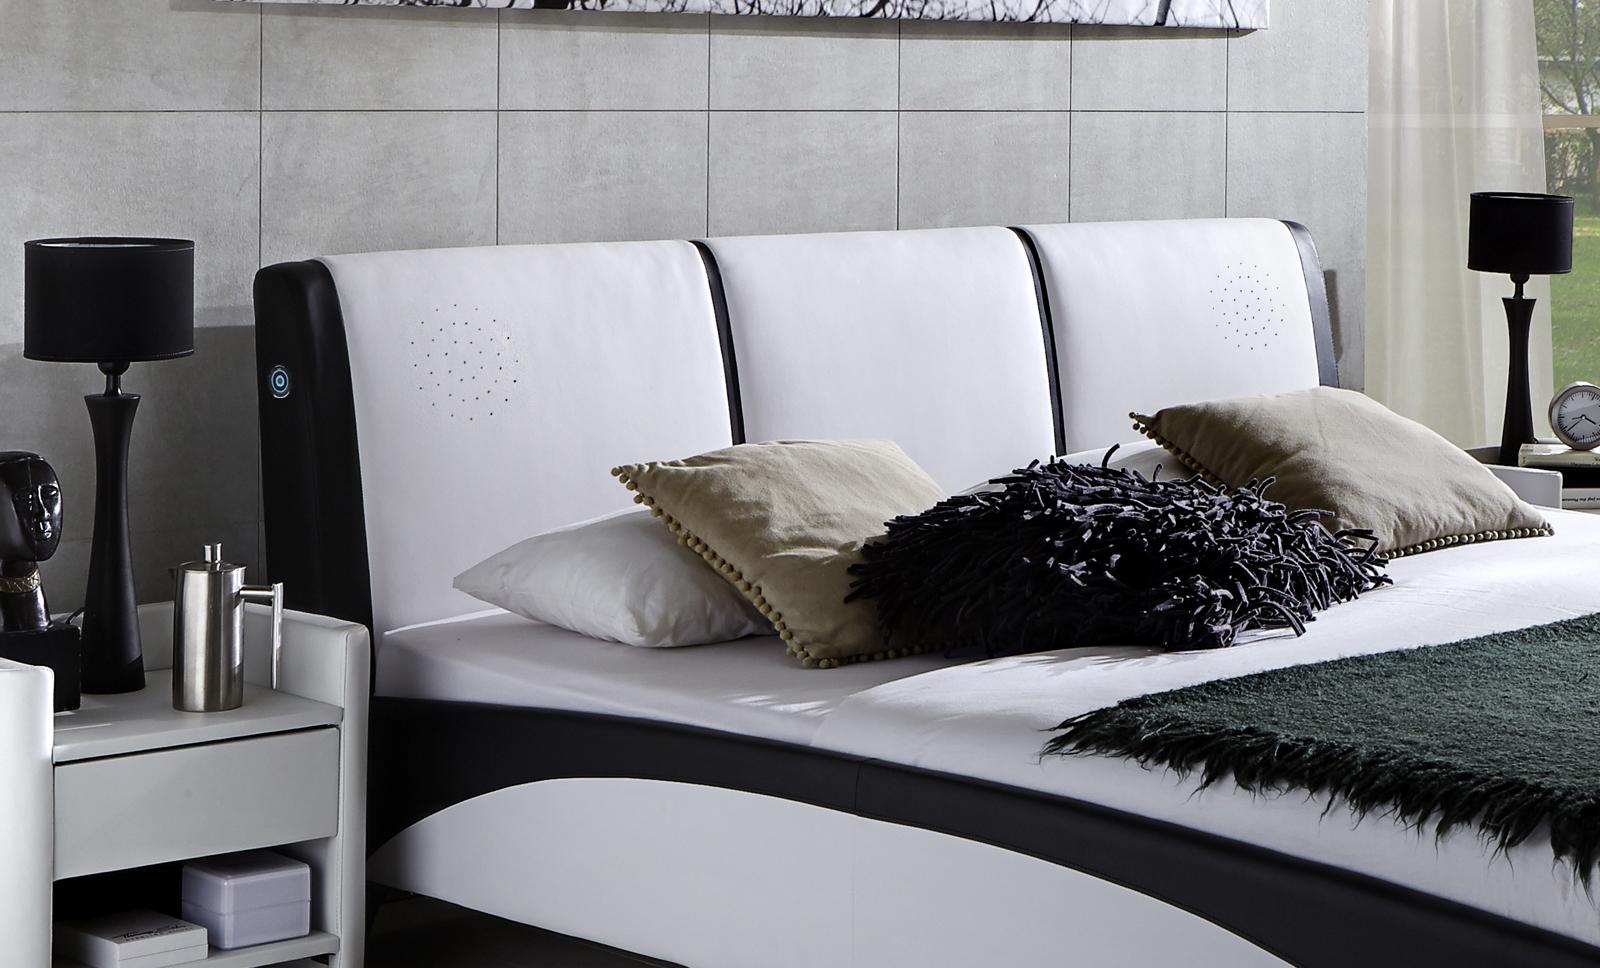 sam polsterbett mit soundsystem 160 cm wei schwarz fun. Black Bedroom Furniture Sets. Home Design Ideas